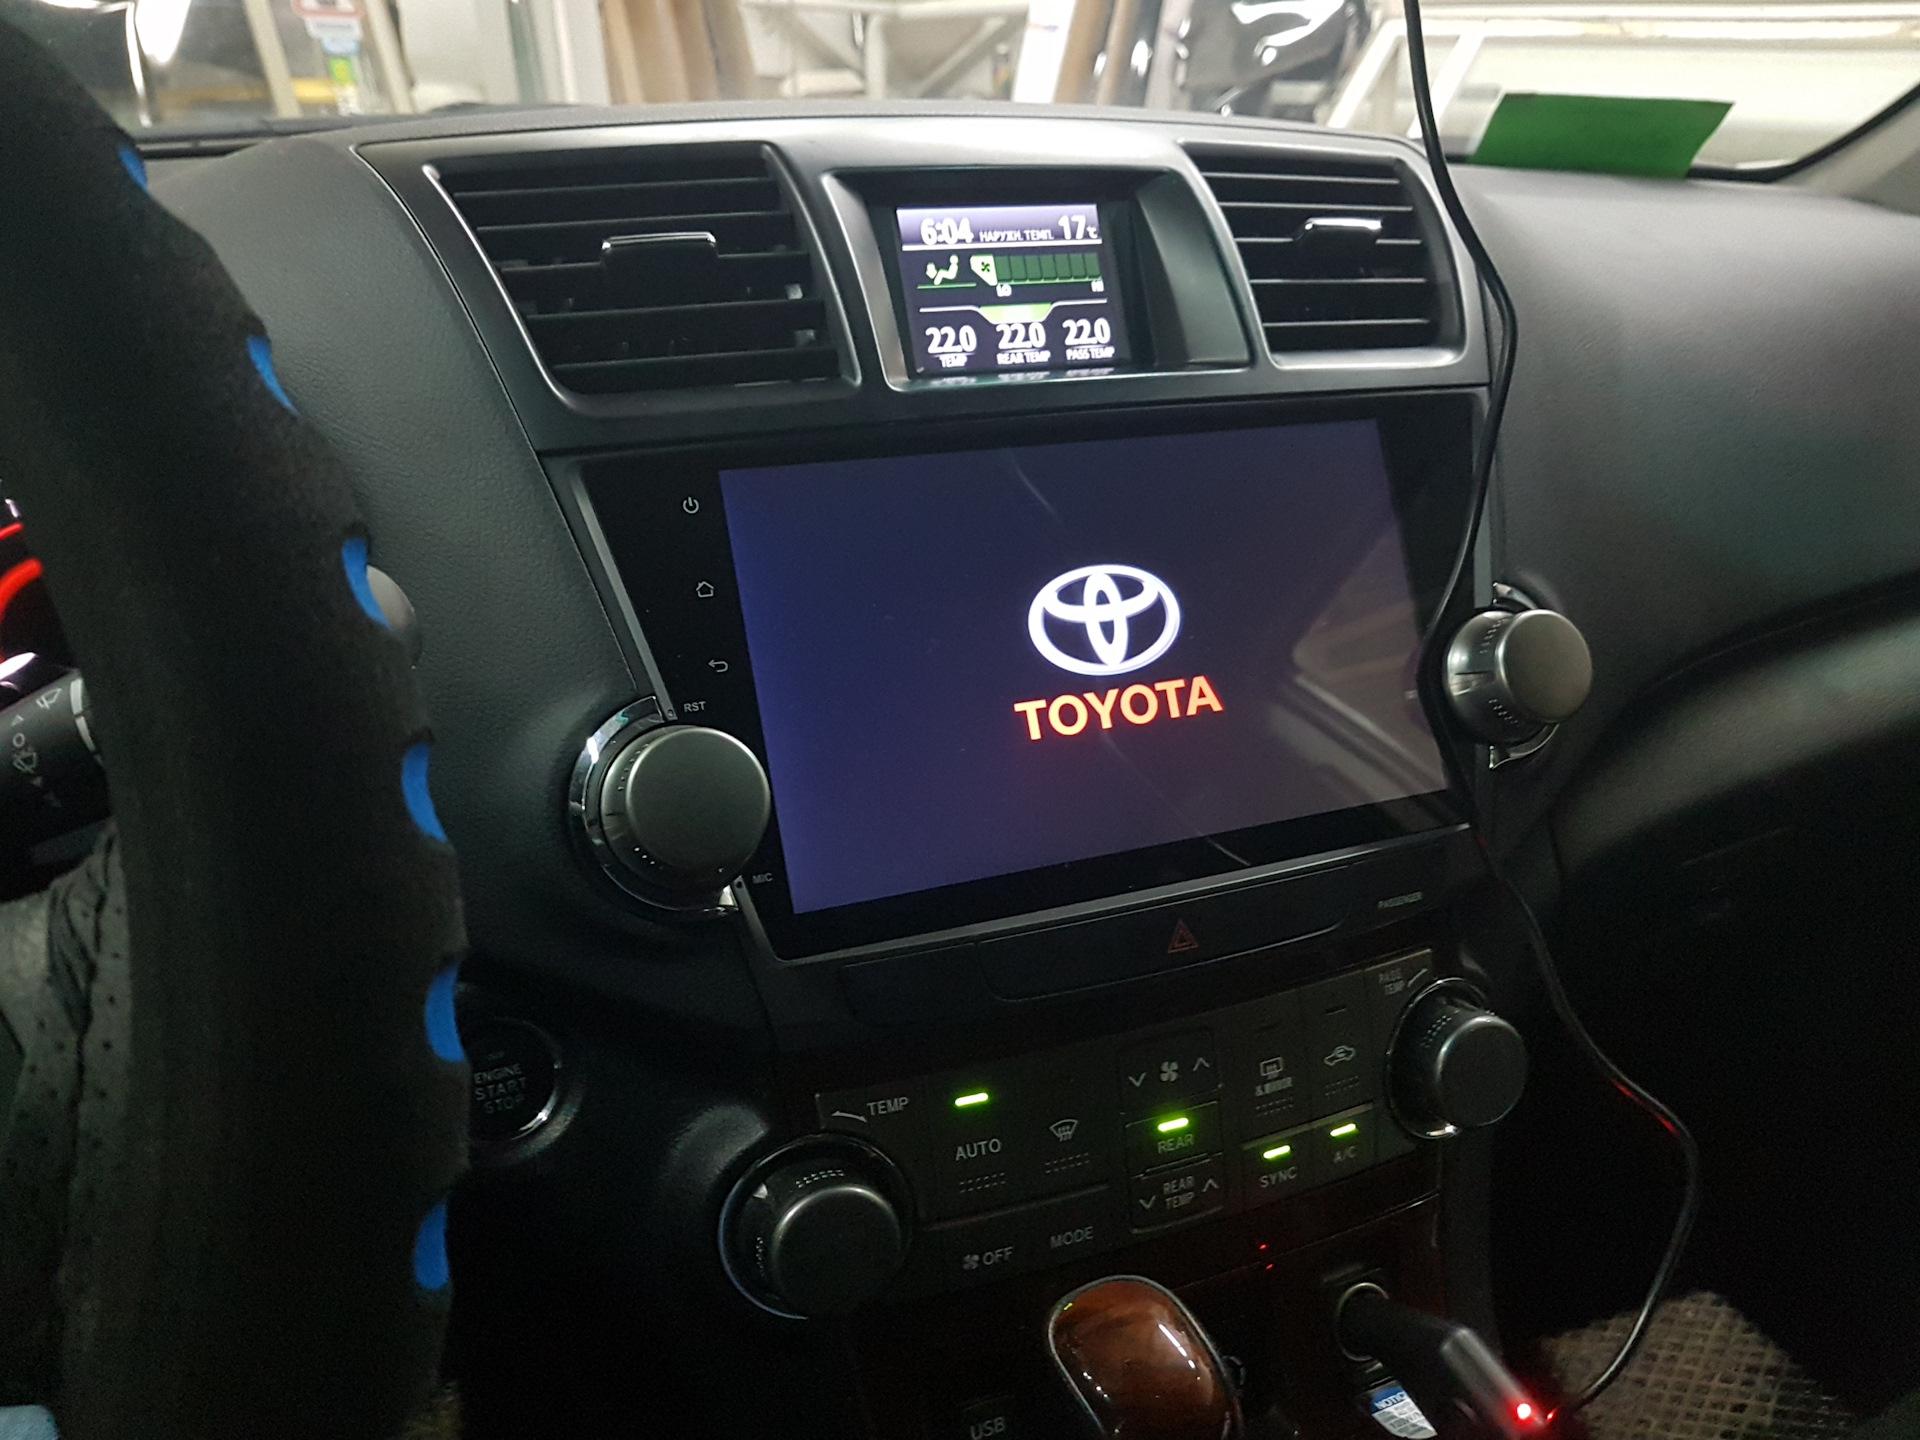 Новое головное устройство — Toyota Highlander, 3.5 л., 2012 года на DRIVE2